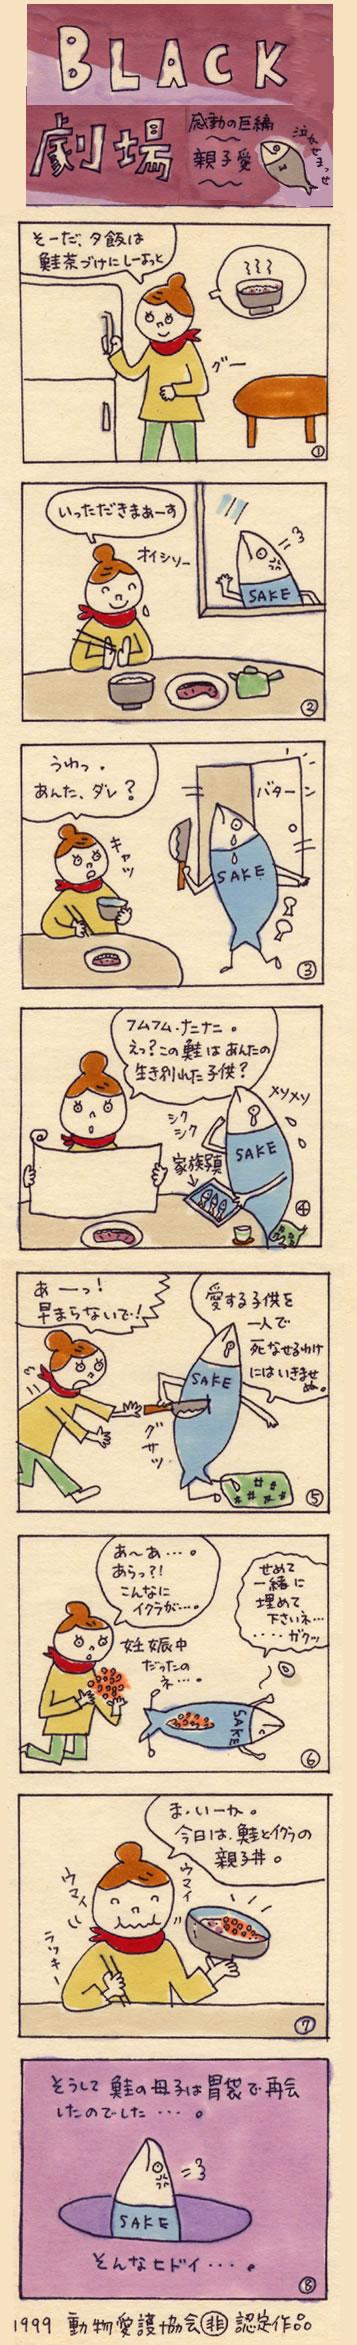 サンデーマンガ懐古編その6_b0102193_17442727.jpg